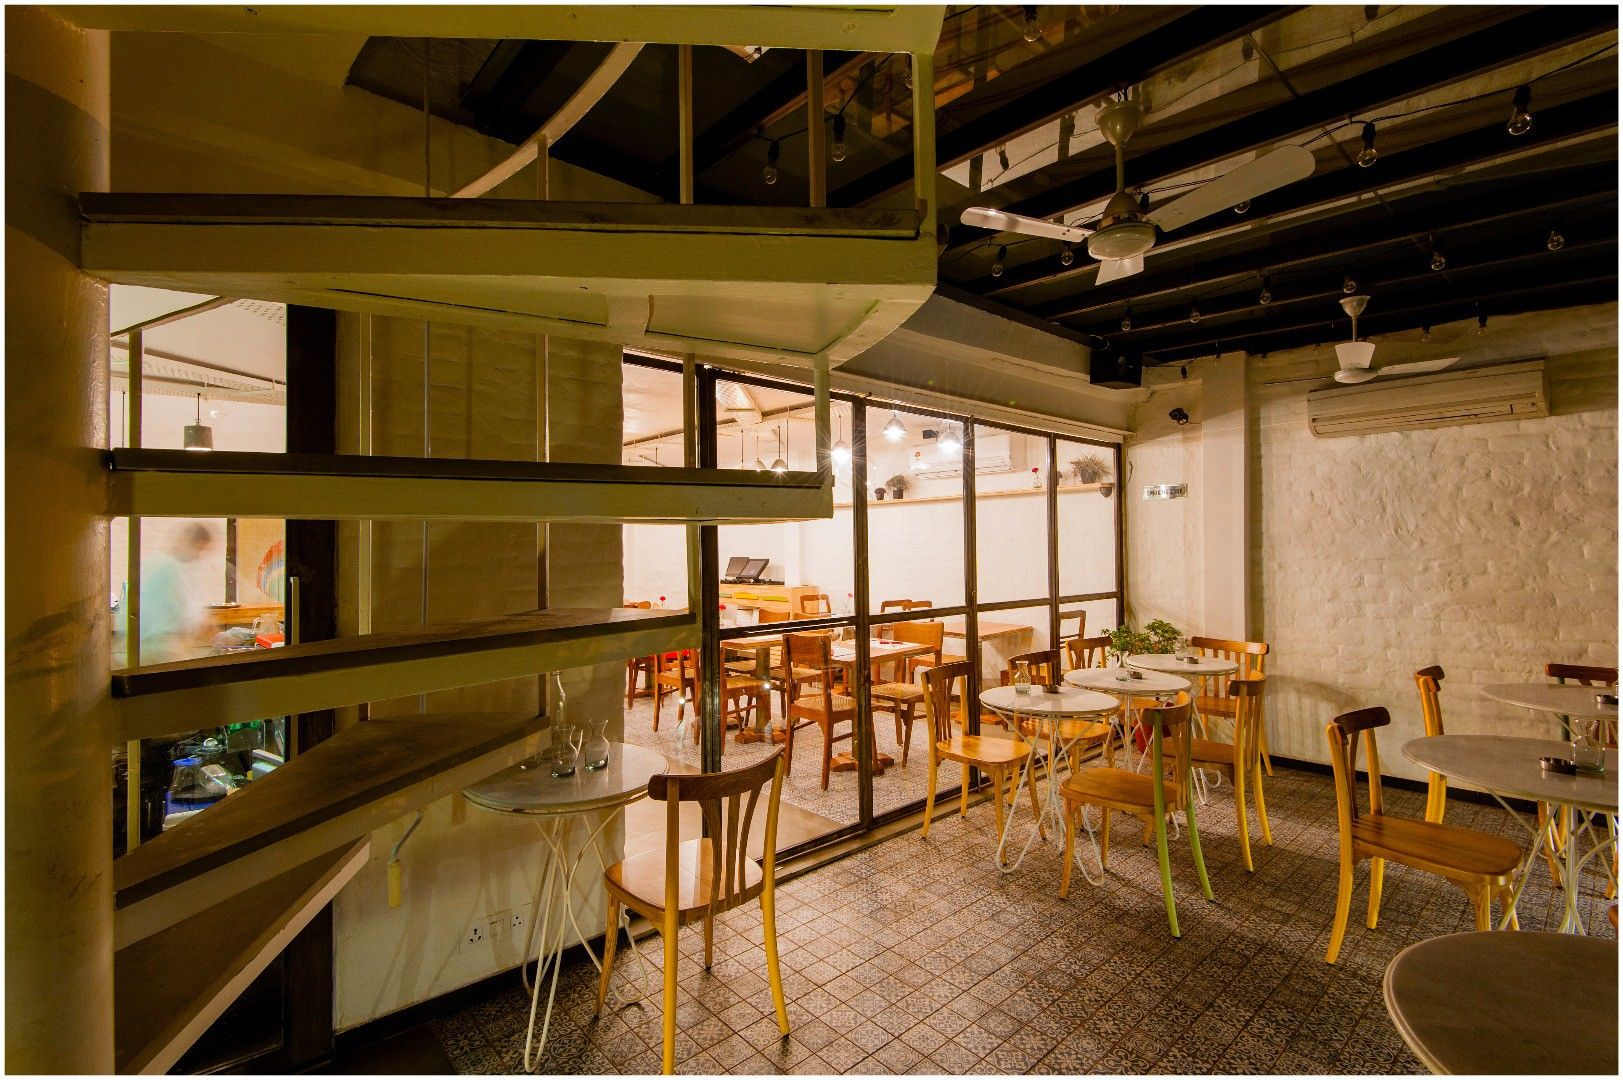 interior design cafe restaurant cafe design inspiration find rh pinterest com